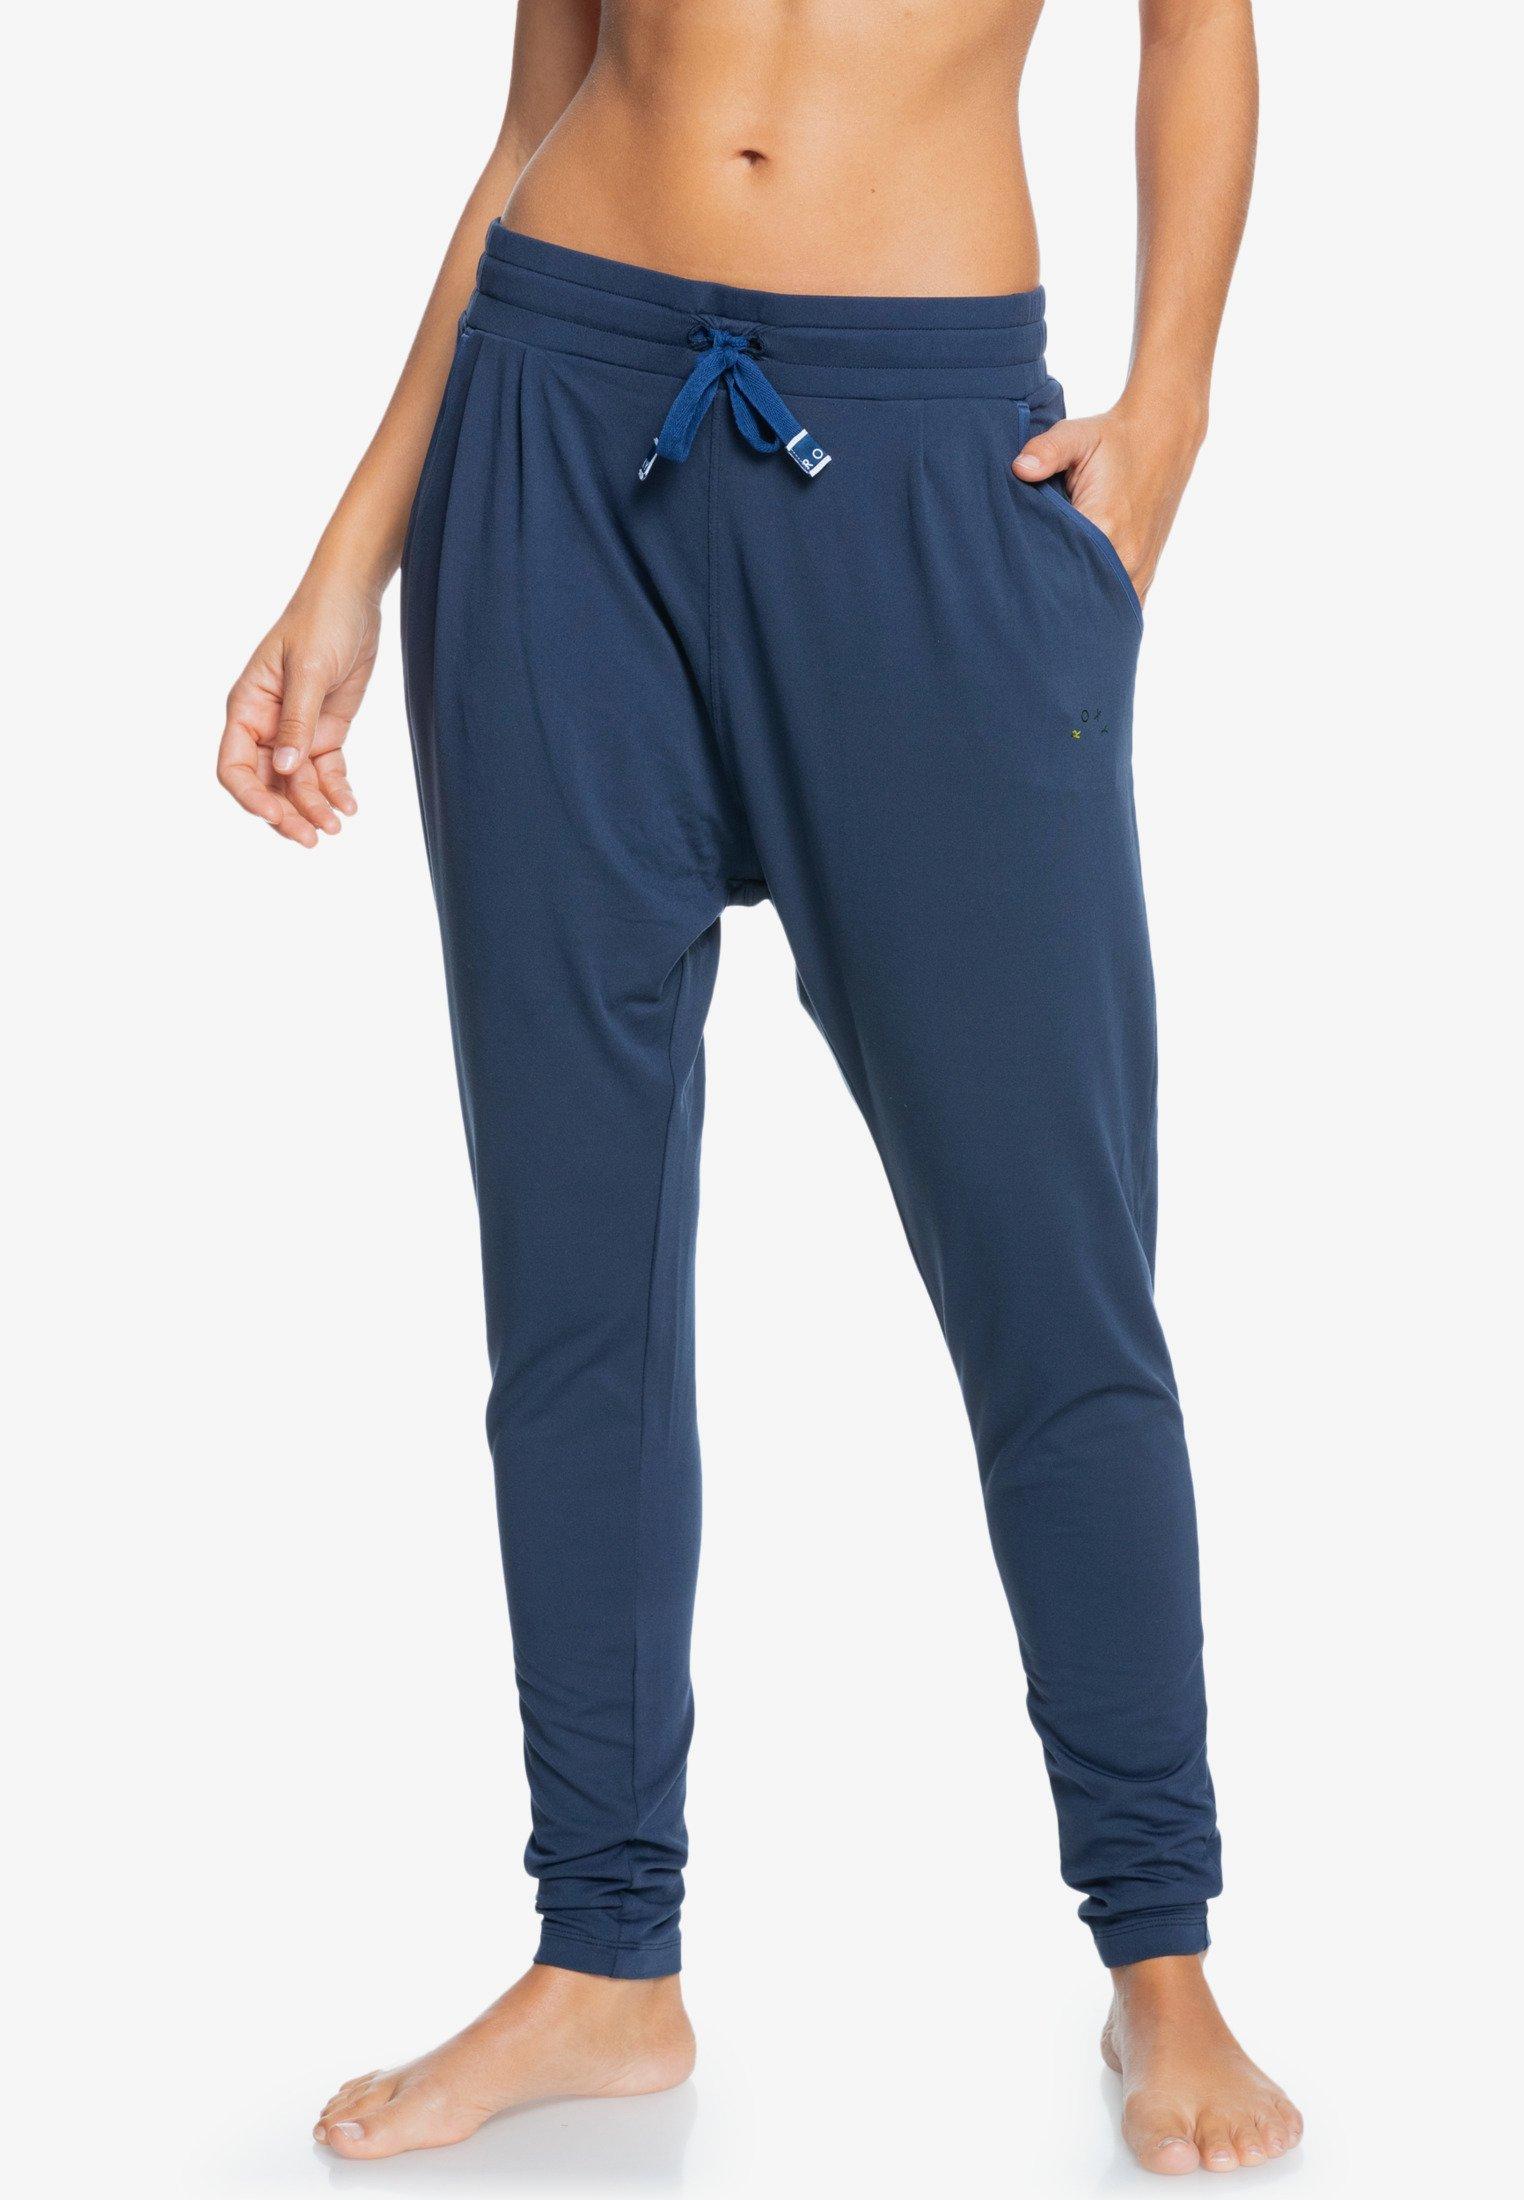 Femme JUNGLE RTS 6 II J NDPT TNF0 - Pantalon de survêtement